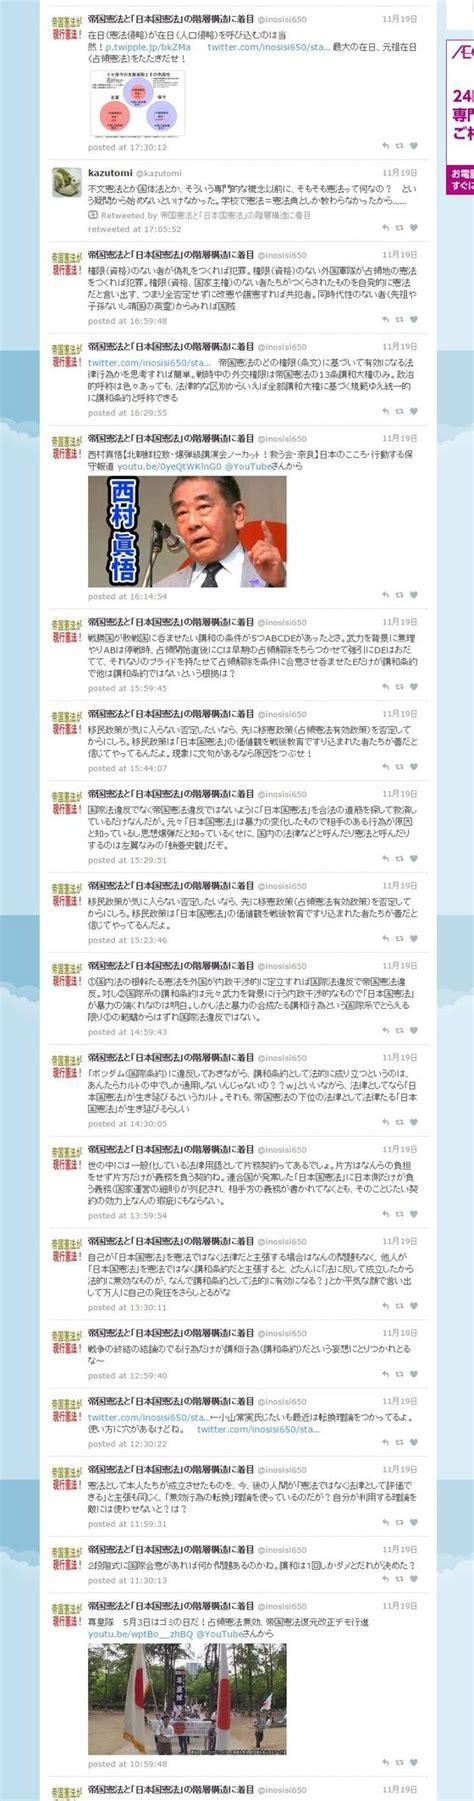 最近のボット風景 ( その他文化活動 )  ザ・真正護憲論(憲法無効論)<大日本帝国憲法は現存しています